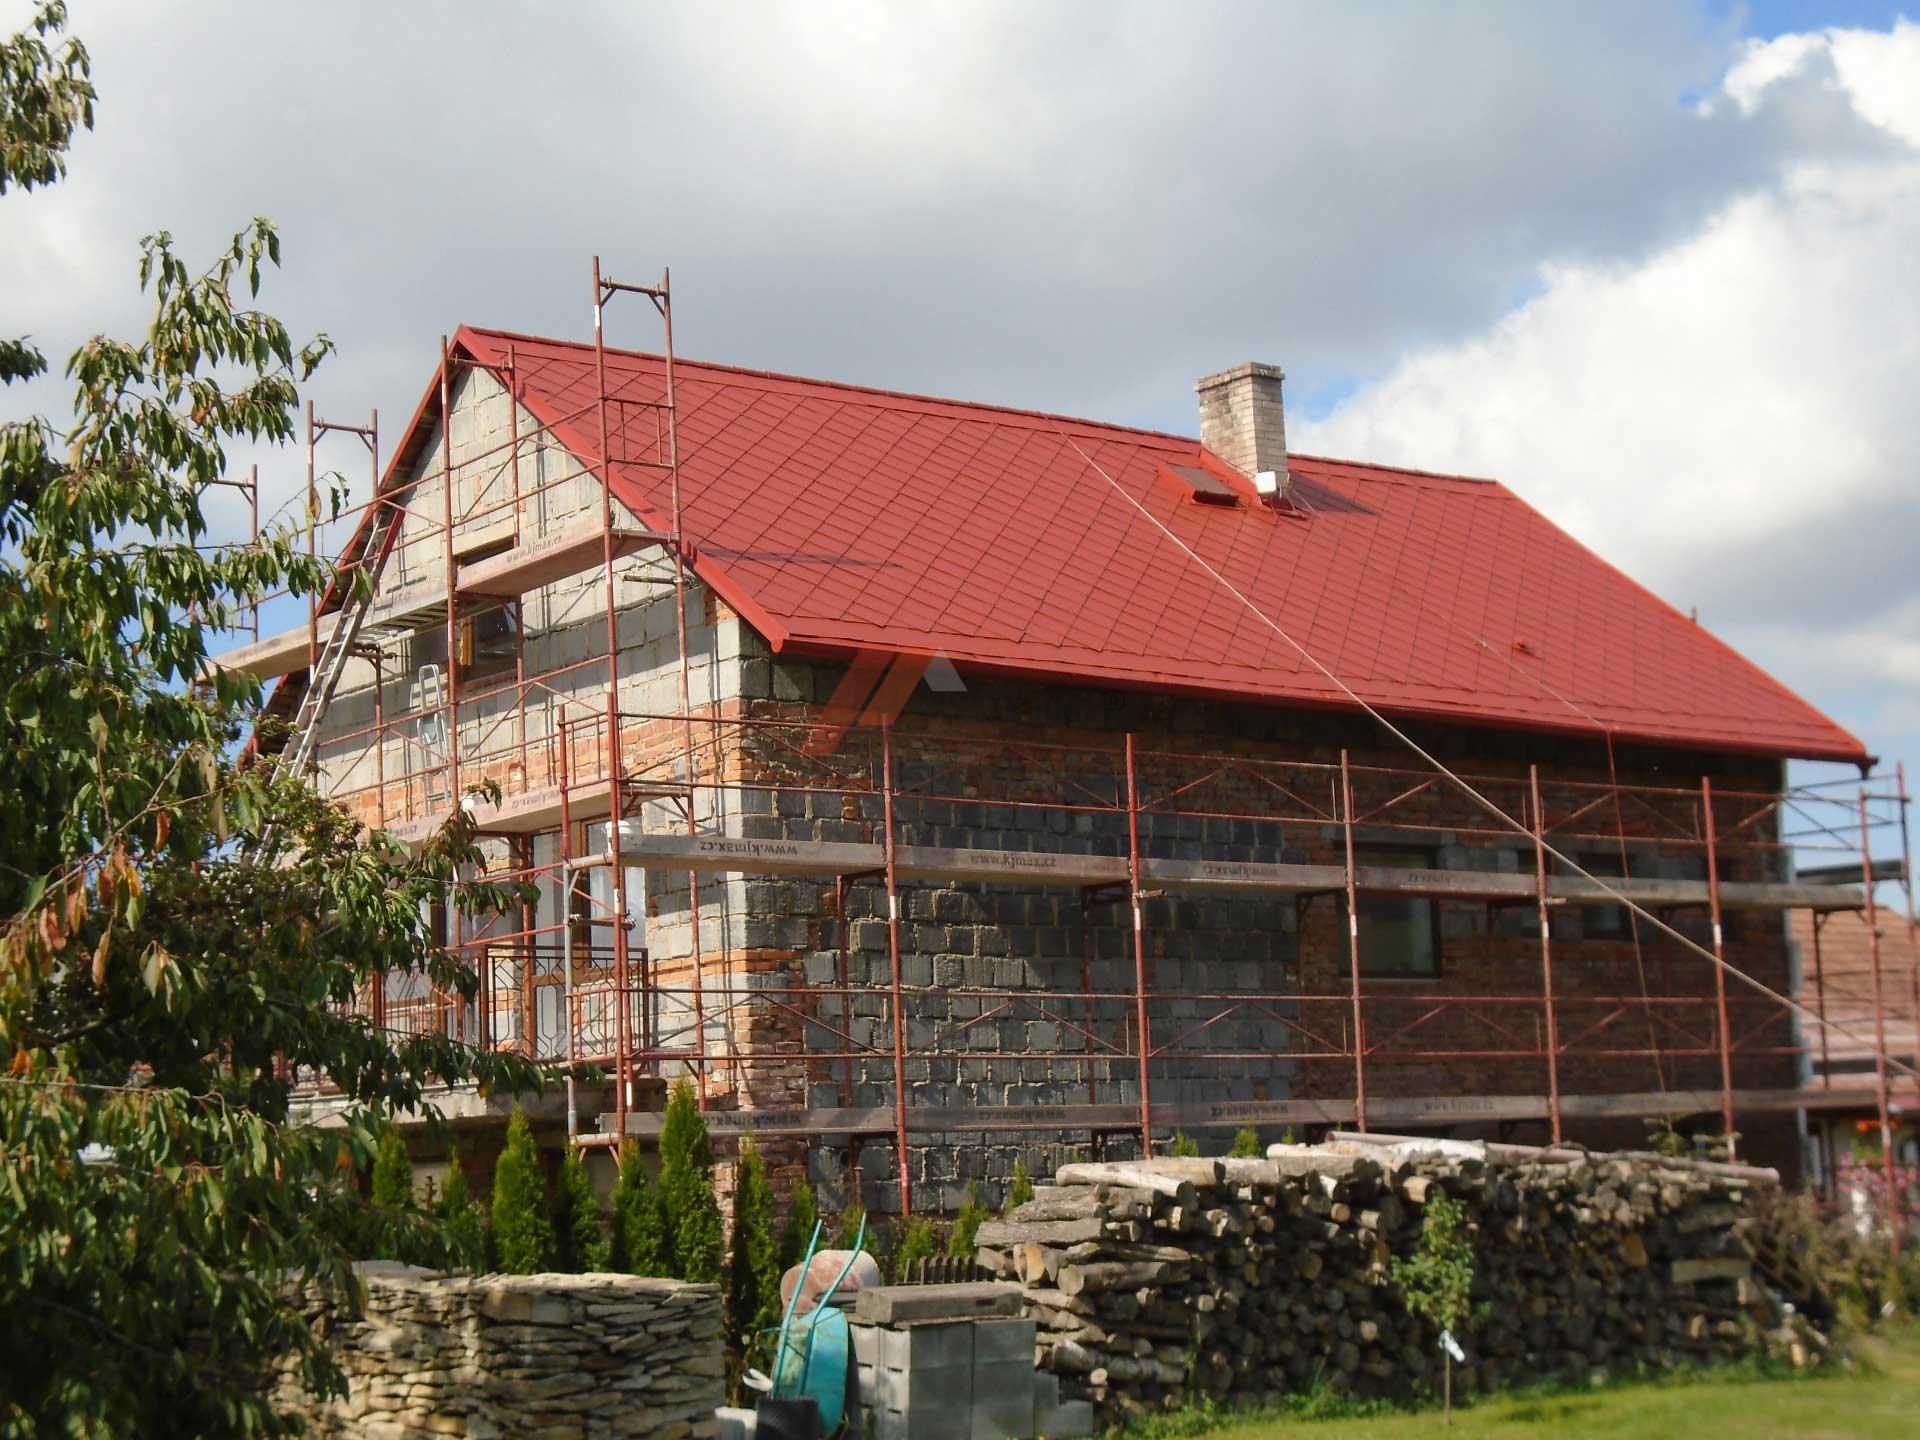 Vídenský | Renovační nátěr eternitové střechy 02 - Červený odstín